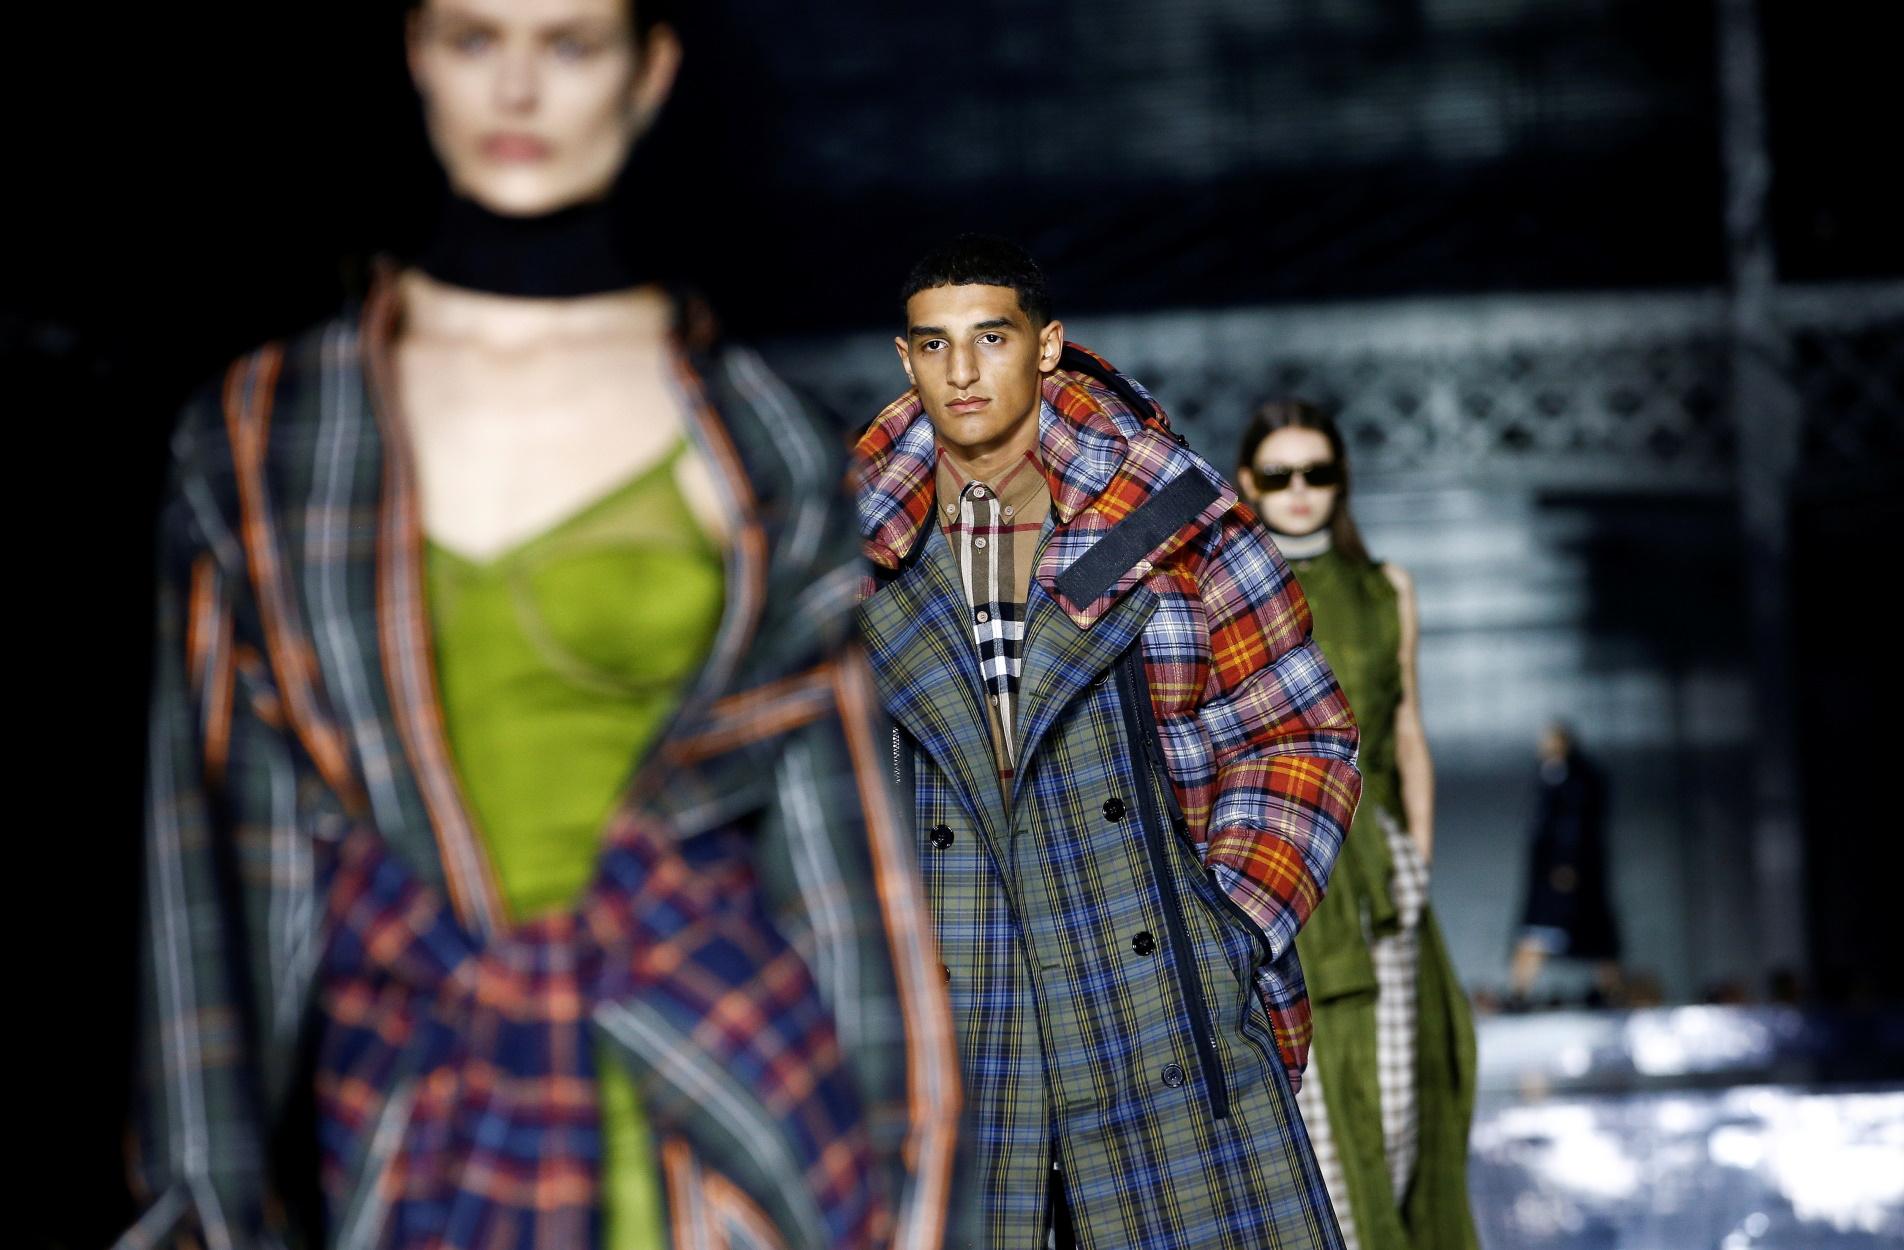 Κορονοϊός: Λουκέτο ή αίτηση πτώχευσης στη βιομηχανία μόδας